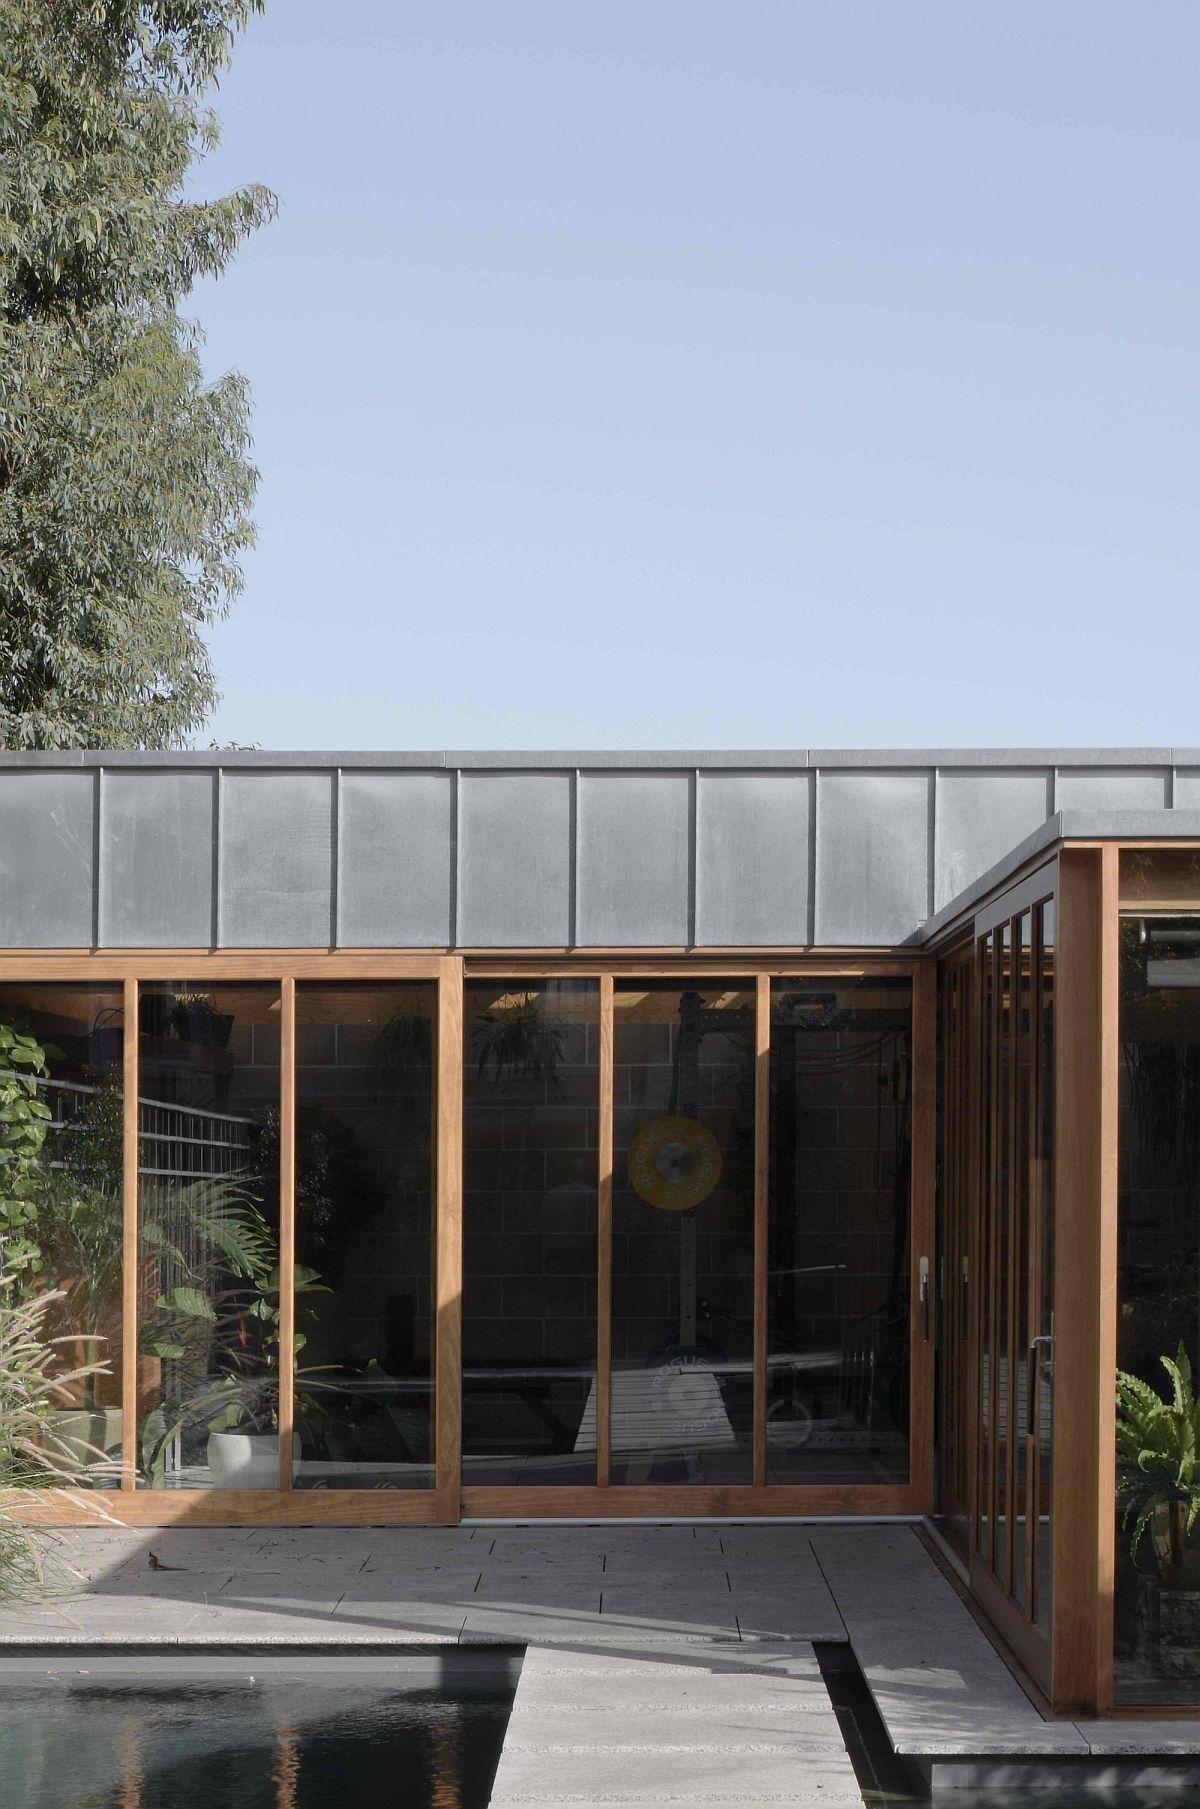 Le grand arbre d'eucalyptus à l'extérieur offre de l'ombre à l'élégante salle de jardin